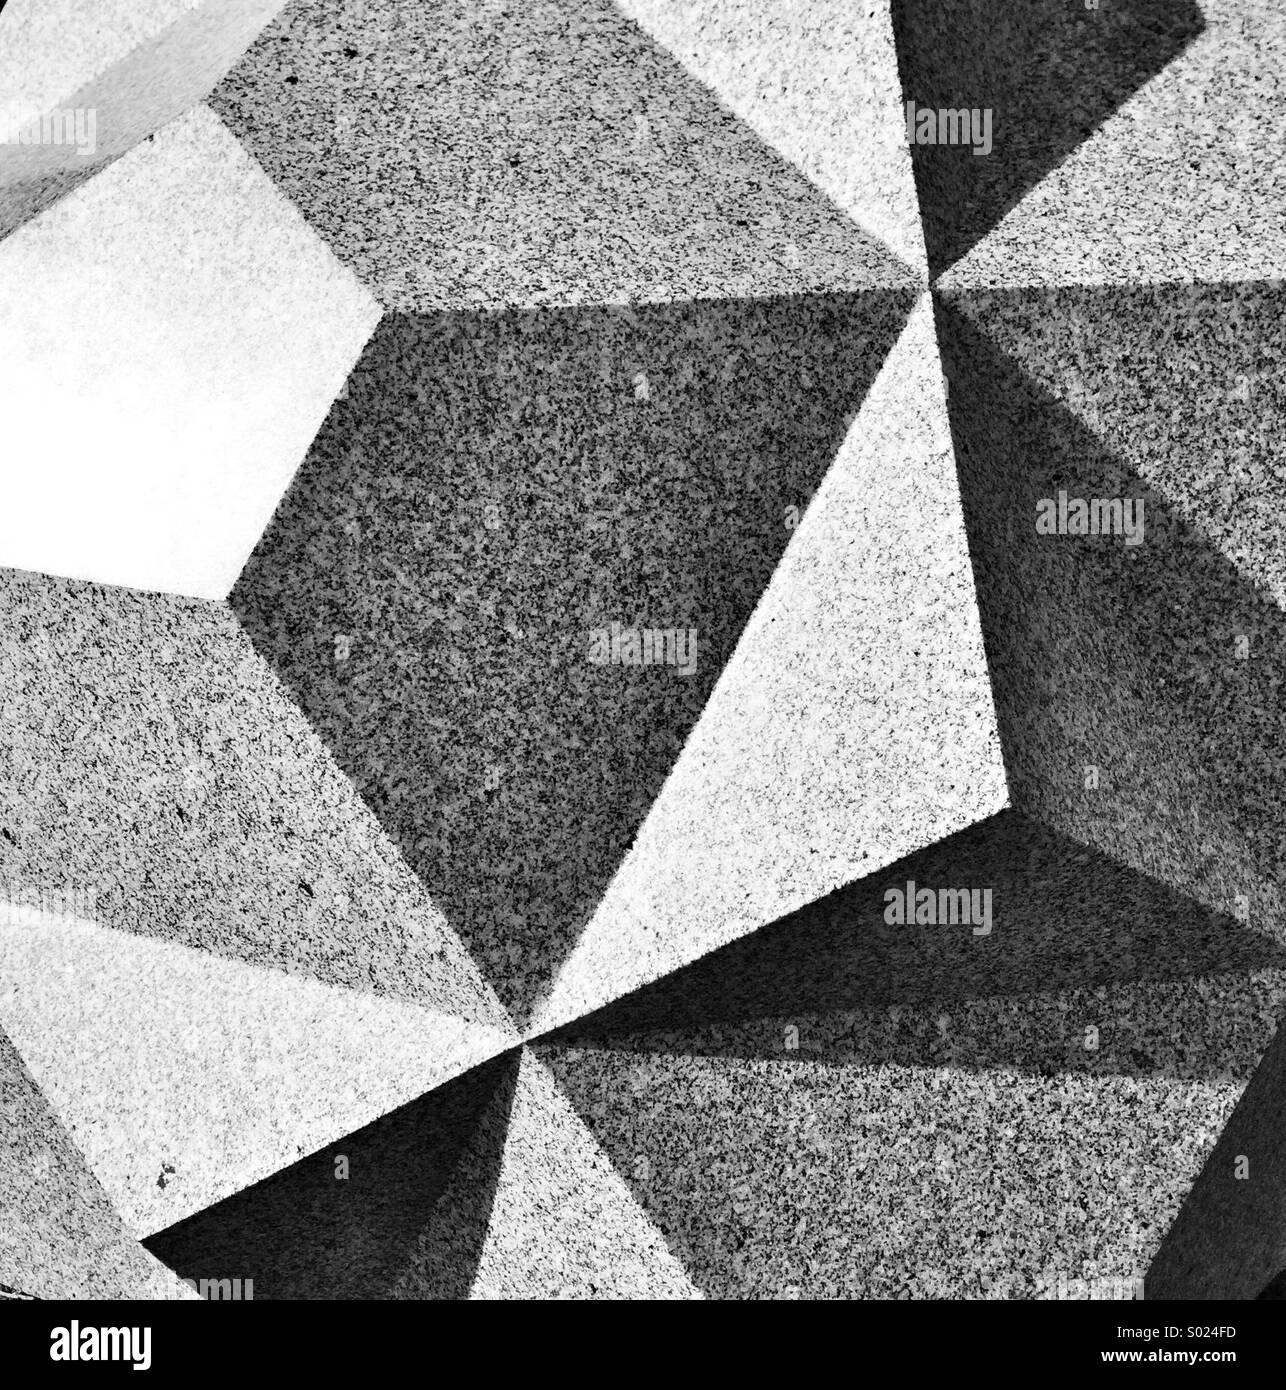 Imagen abstracta de facetas talladas en el bloque de granito Imagen De Stock